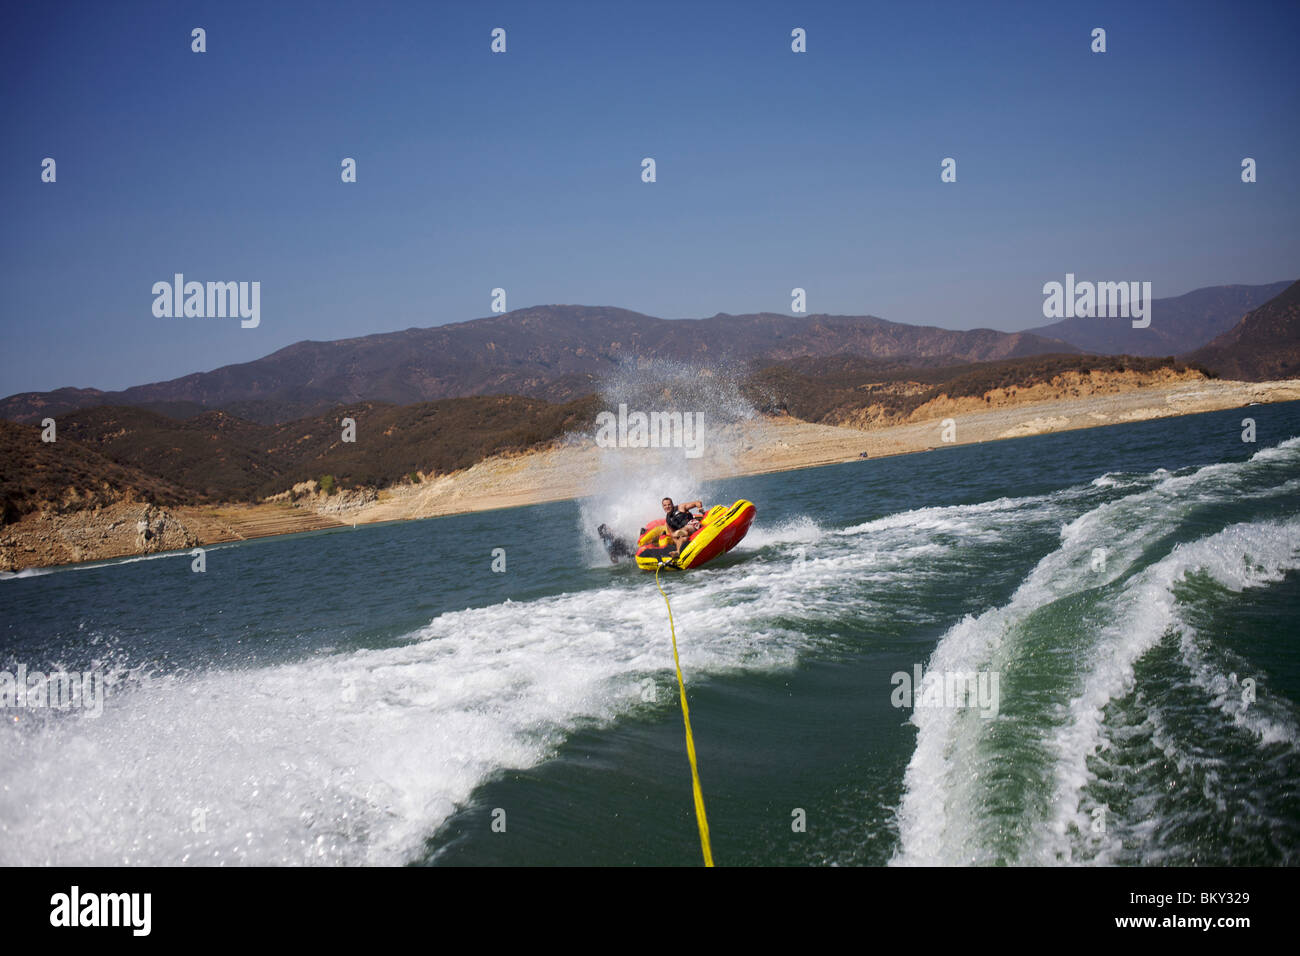 Les gens au lac Castaic, Santa Clarita, Californie sont sur le point de basculer. Photo Stock